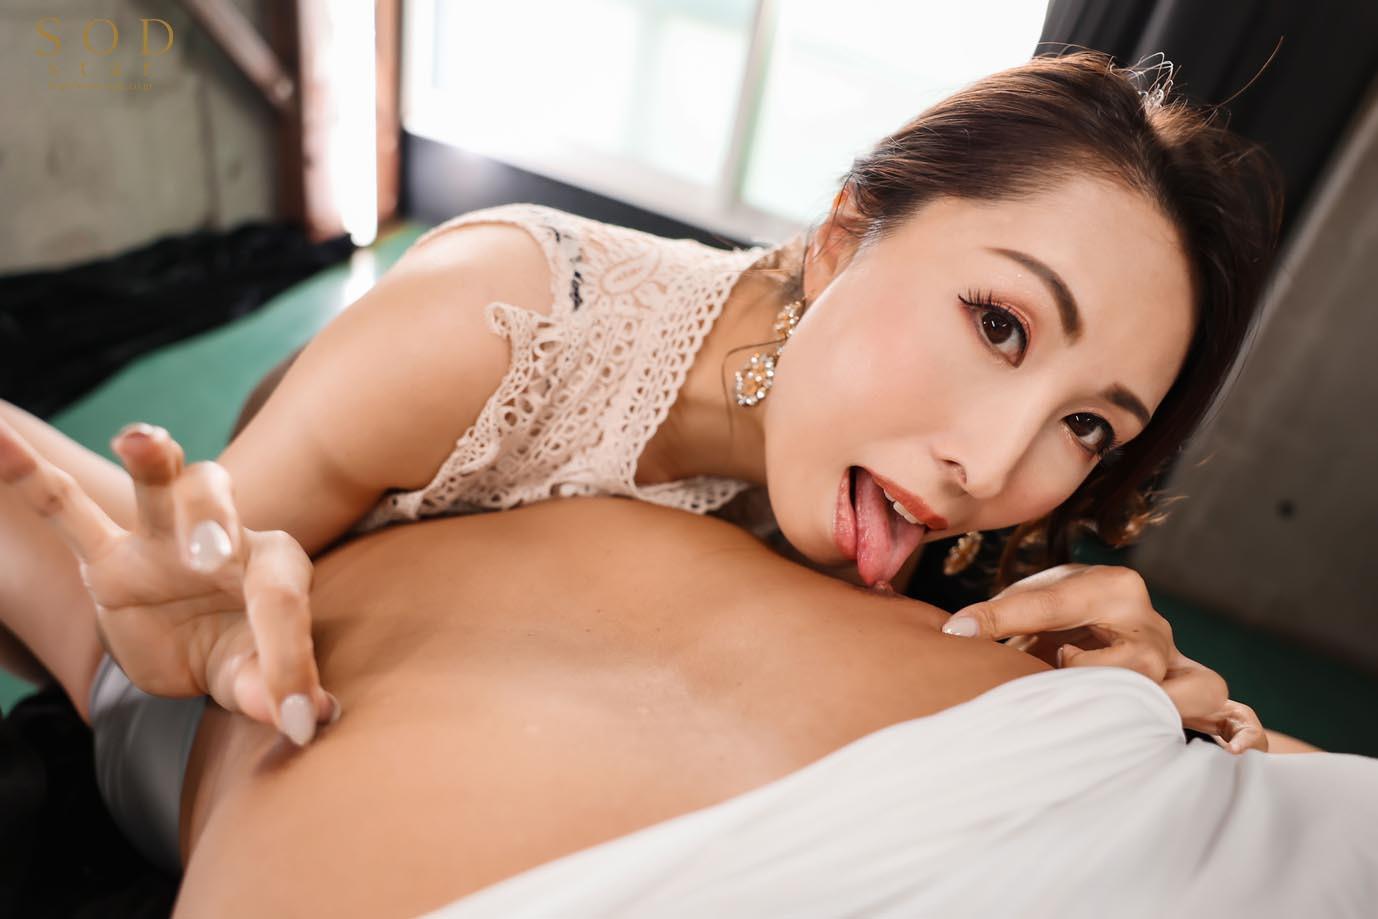 エグすぎる乳首舐め 佐田茉莉子 42歳 画像12